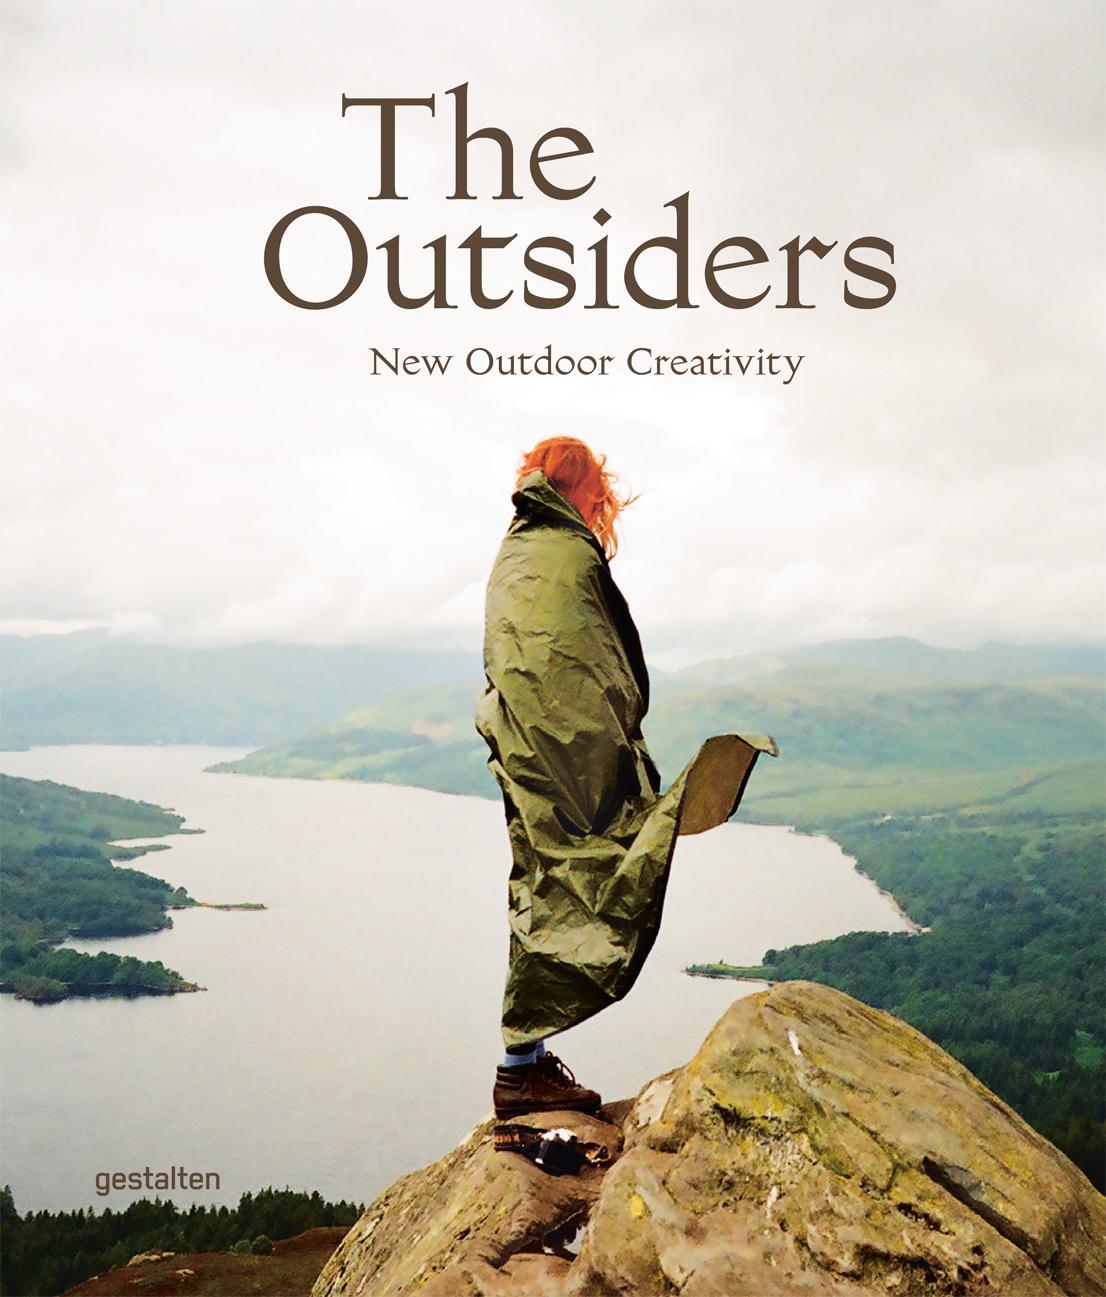 The Outsiders. Pubblicato da Gestalten.